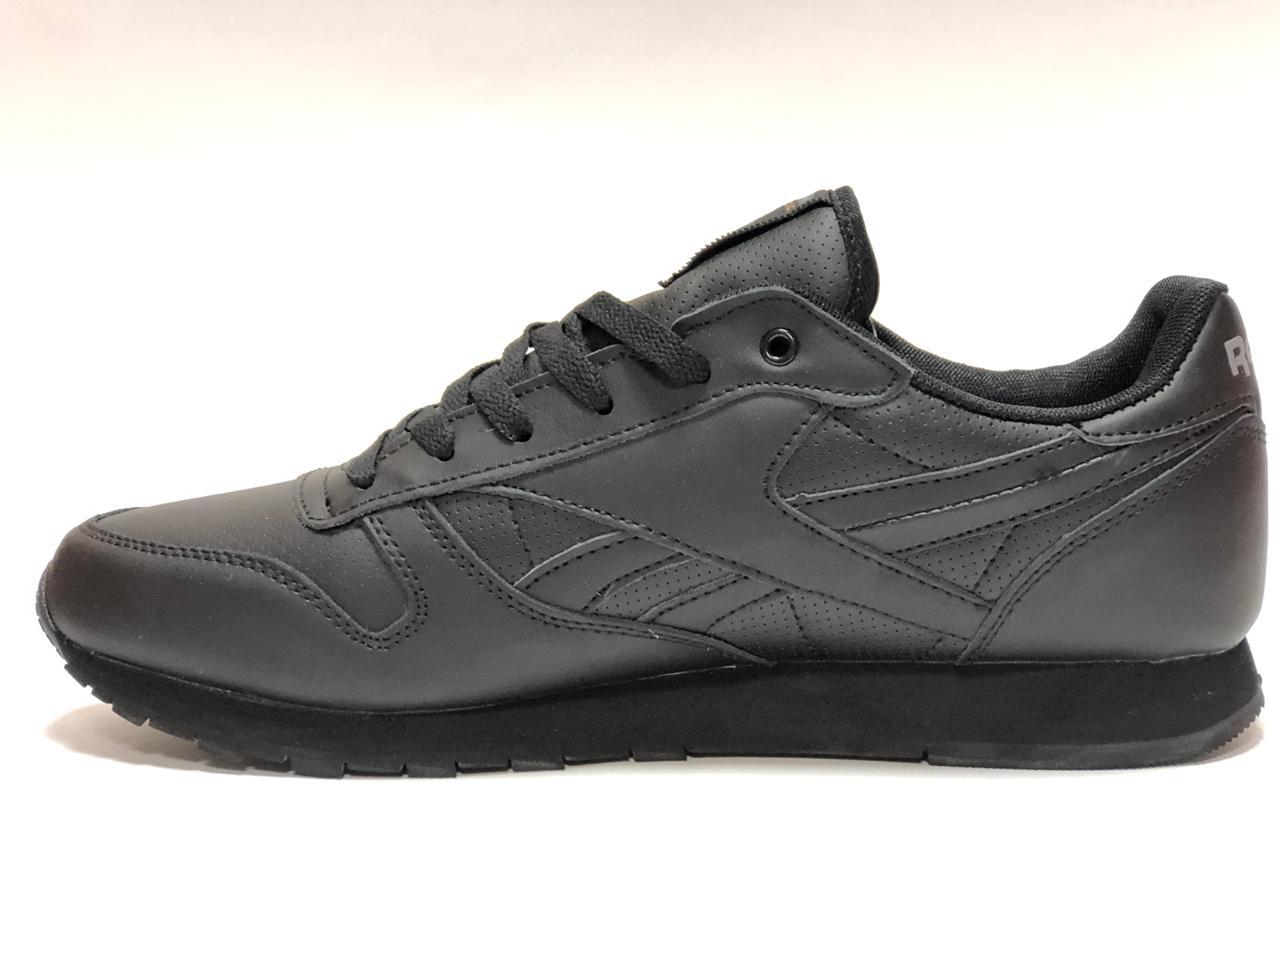 8a125260 Купить кроссовки Reebok 46,47,48,49,50 Classic больших размеров в ...